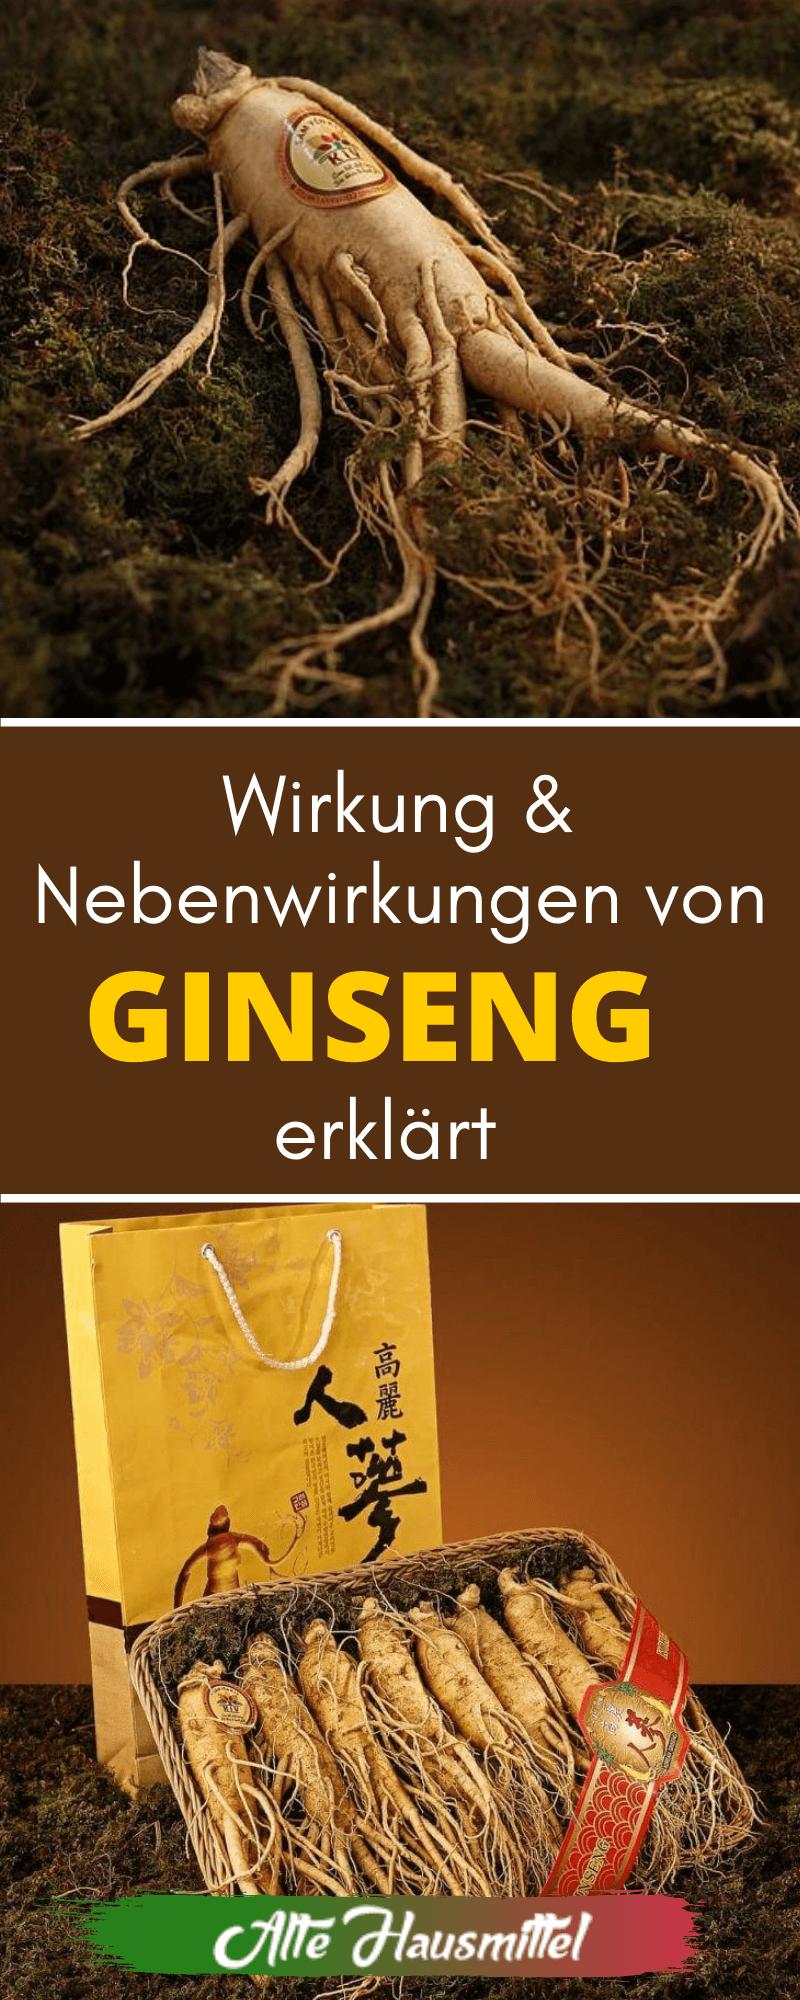 Wirkung & Nebenwirkungen von Ginseng erklärt